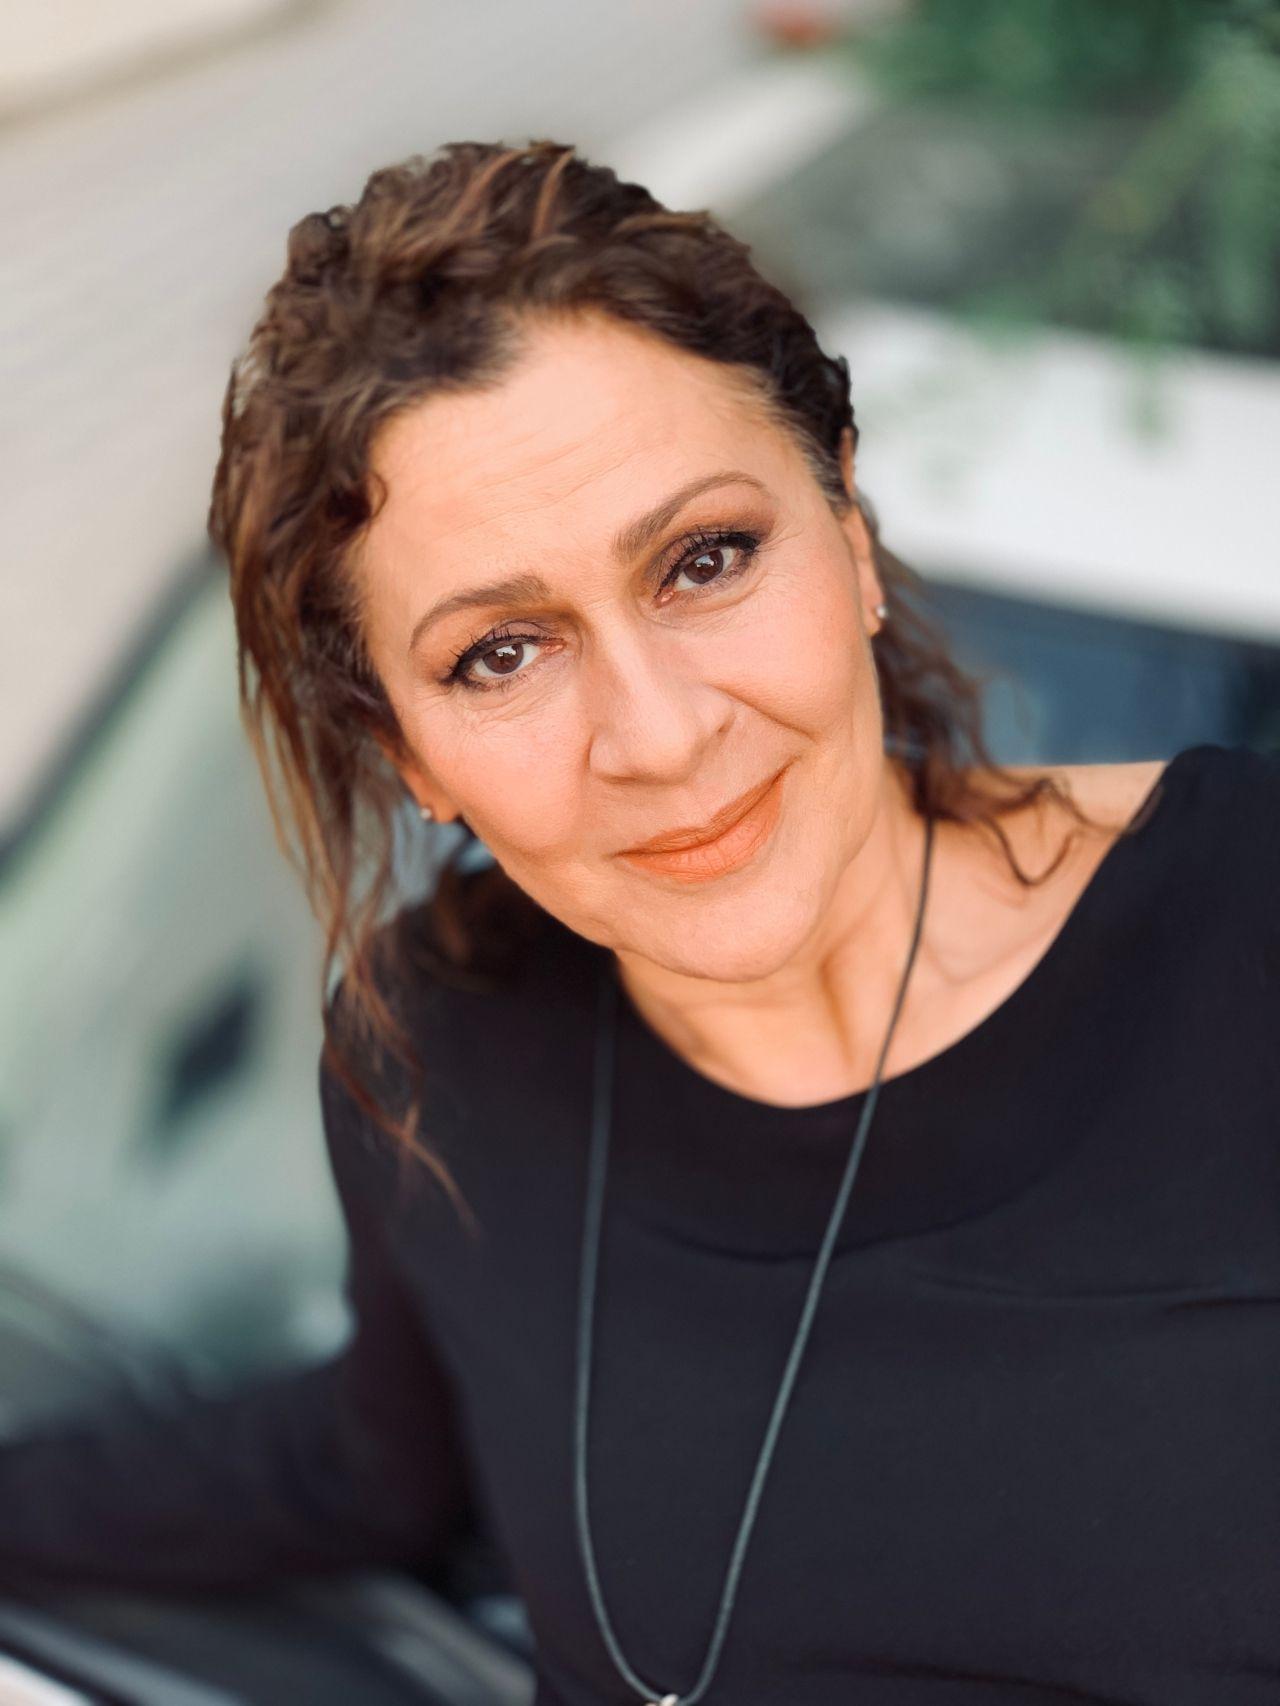 Ünlü oyuncu Gonca Cilasun, MedyaTava'nın sorularını yanıtladı: 'Sefirin Kızı artık bambaşka bir hikaye...' - Sayfa:3